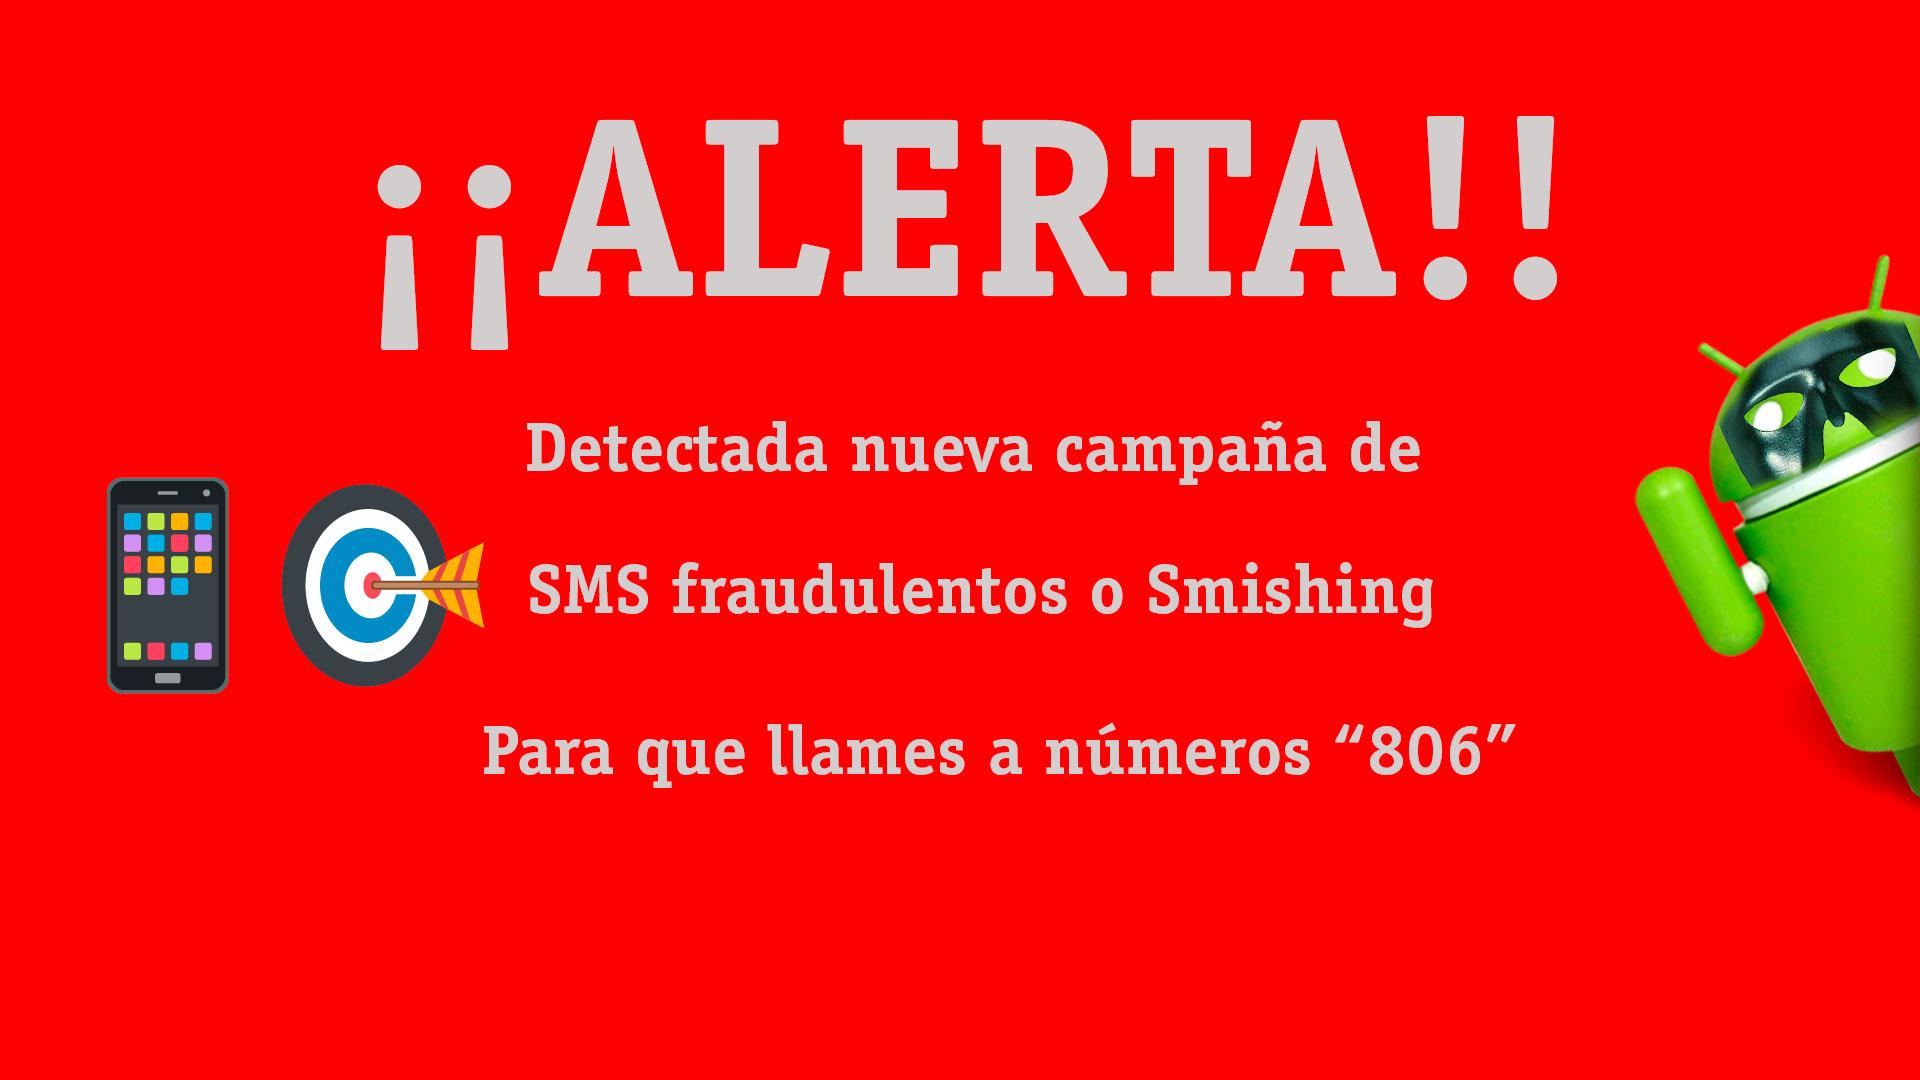 SMS fraudulentos o Smishing